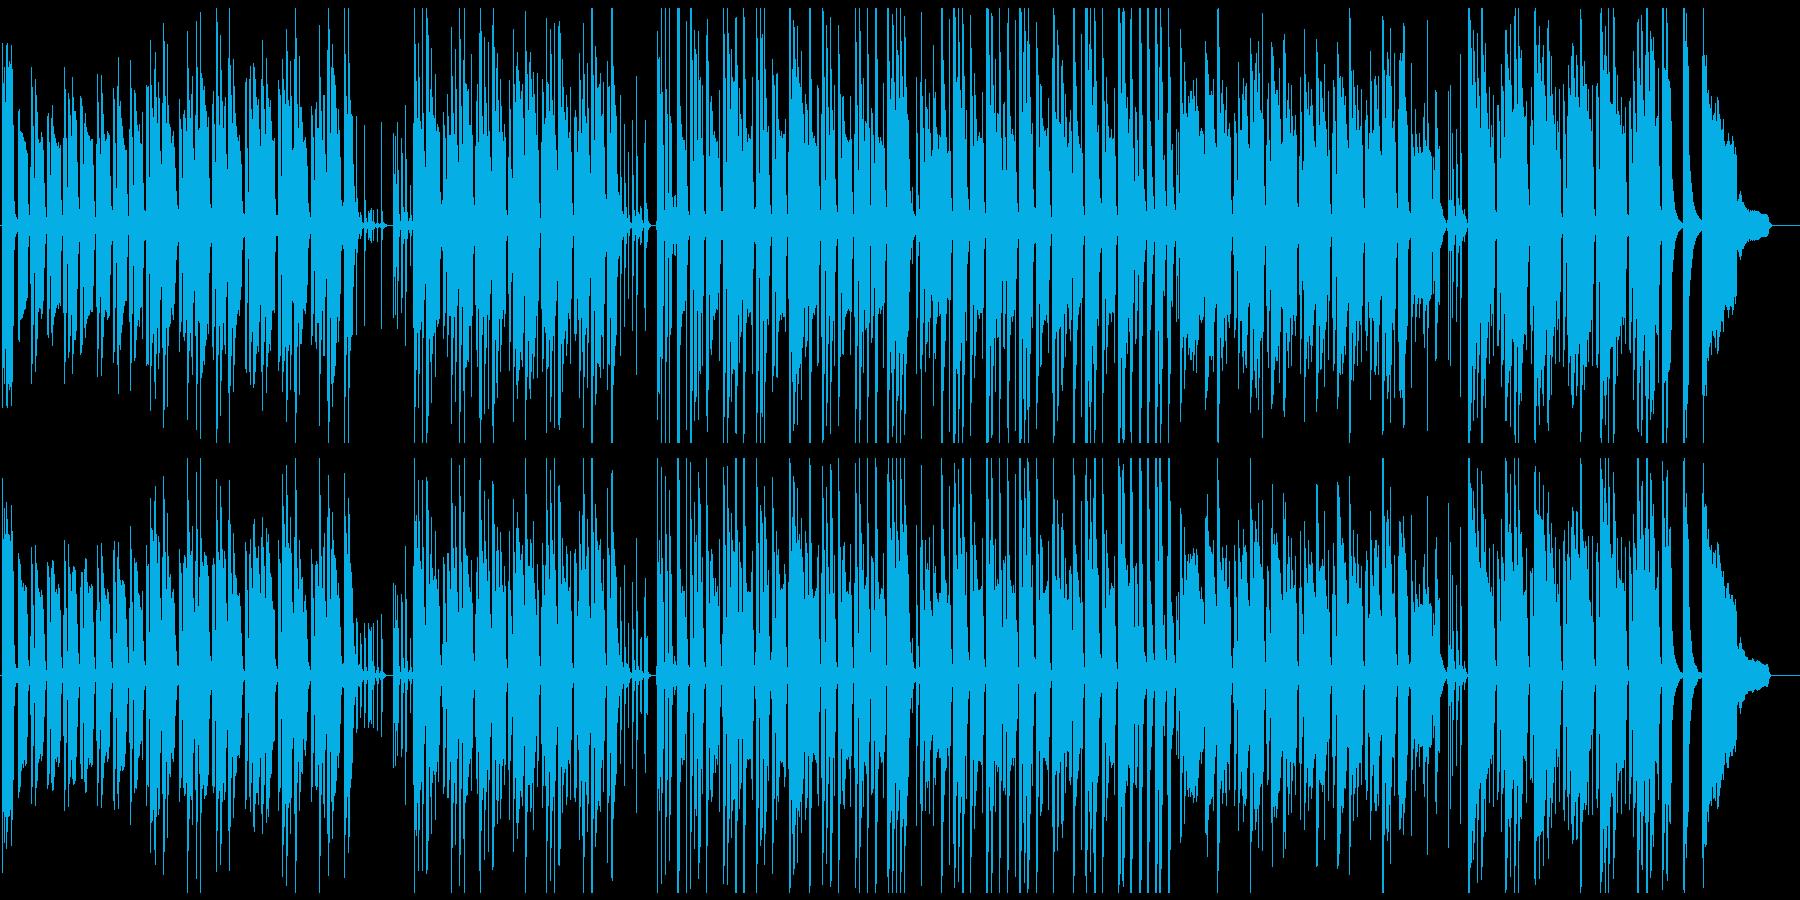 ラテン音楽ベースの日常系劇伴の再生済みの波形